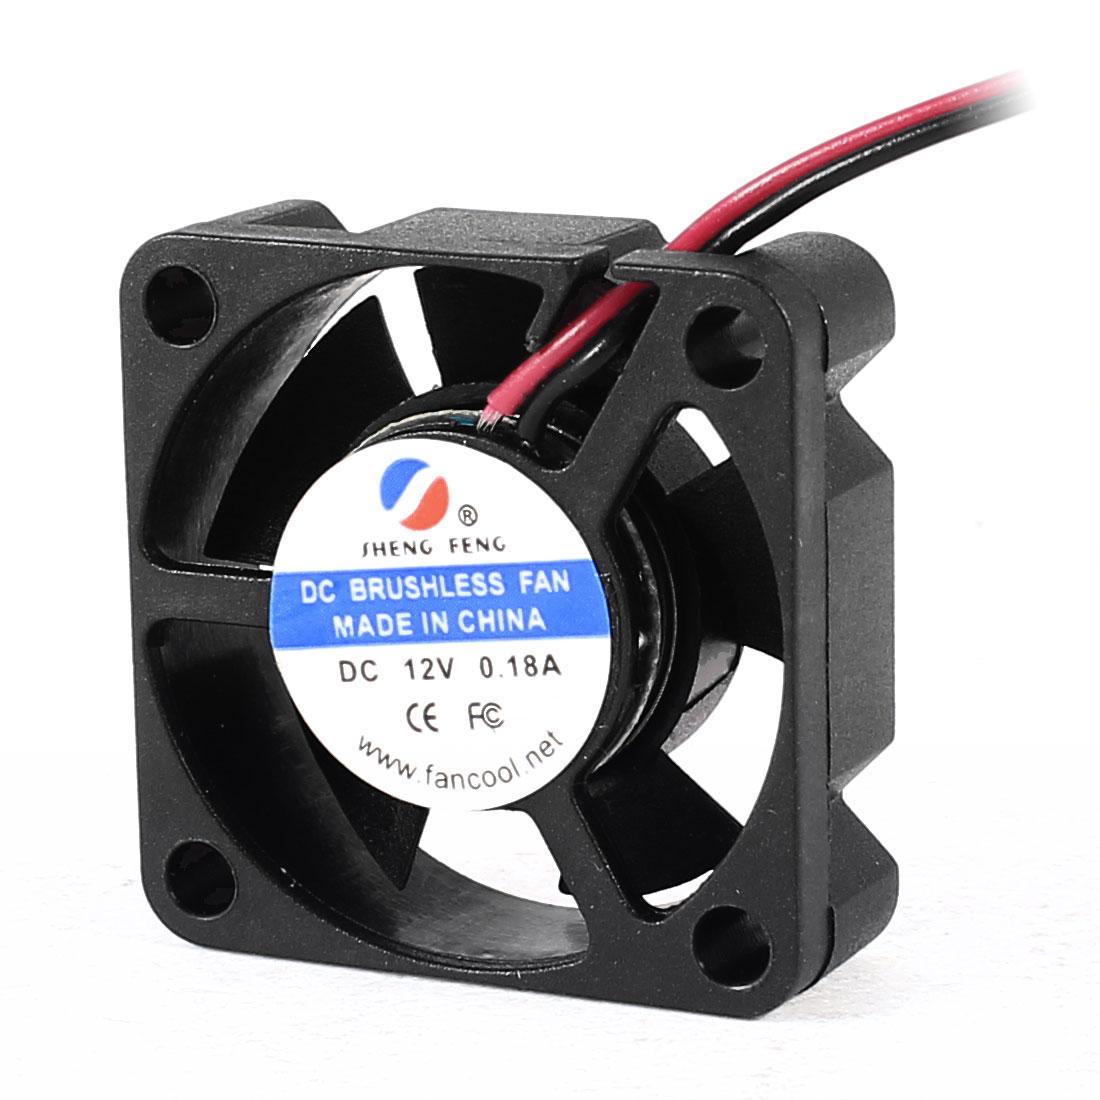 30mm x 10mm 2 Terminals 12V 0.18A DC Brushless Chipset Cooling Fan Black